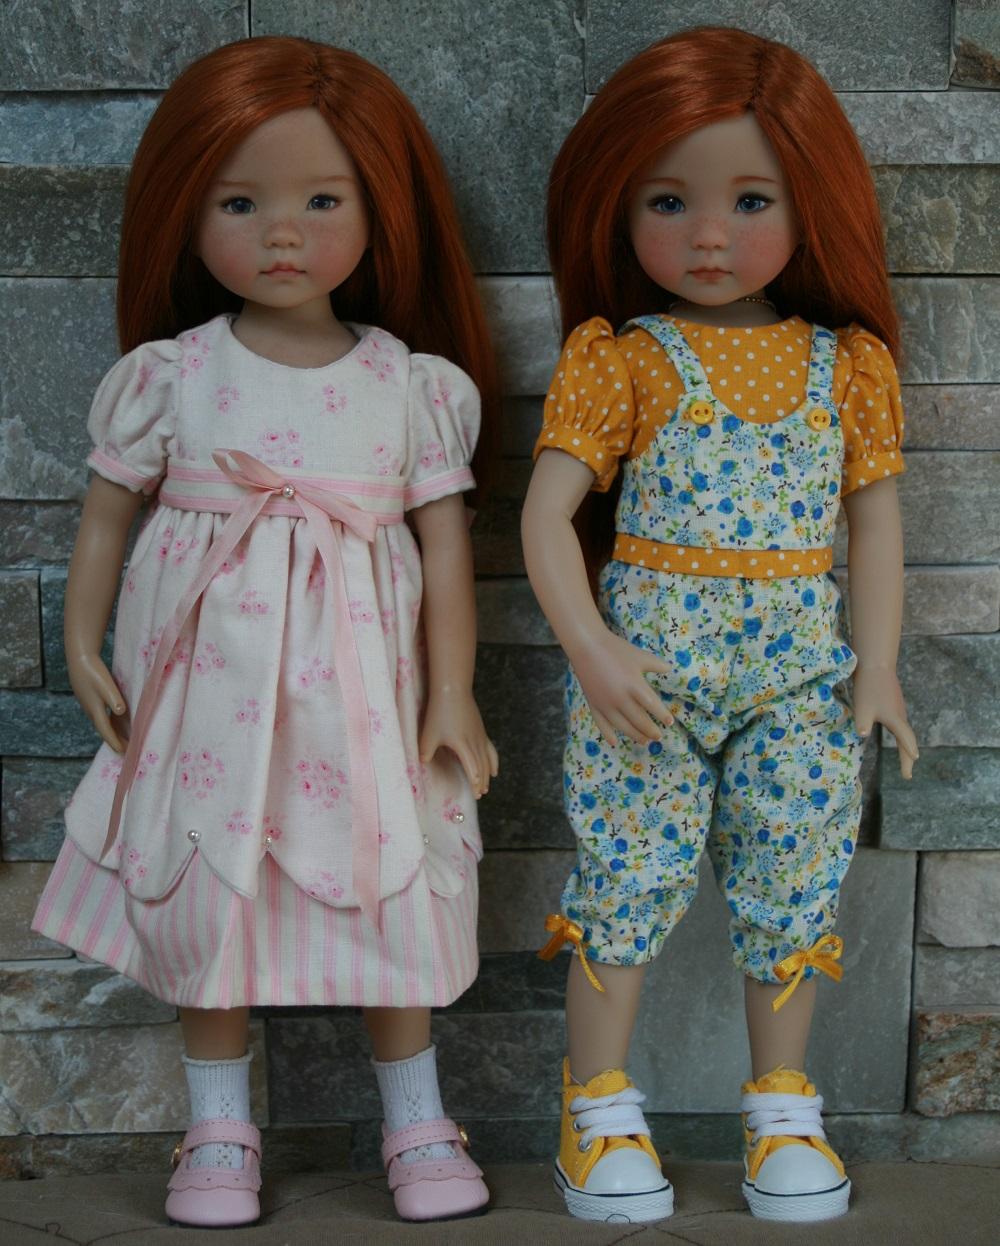 Mes Little Darling : serena et Annie, les p'tites nouvelles ! 15/5  p 16 - Page 16 Img_2029